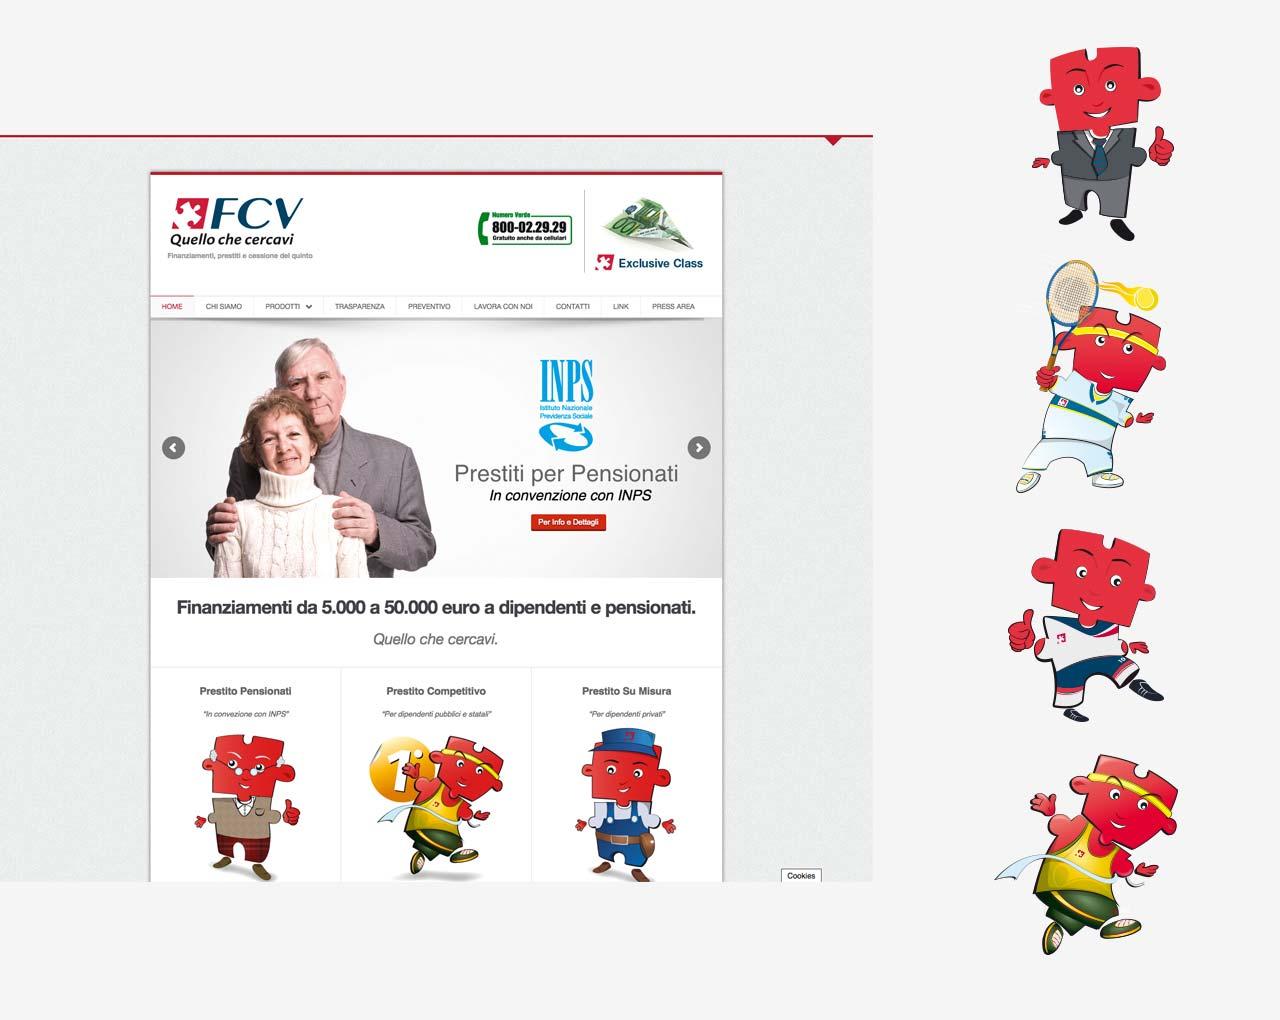 FCV Servizi Finanziari